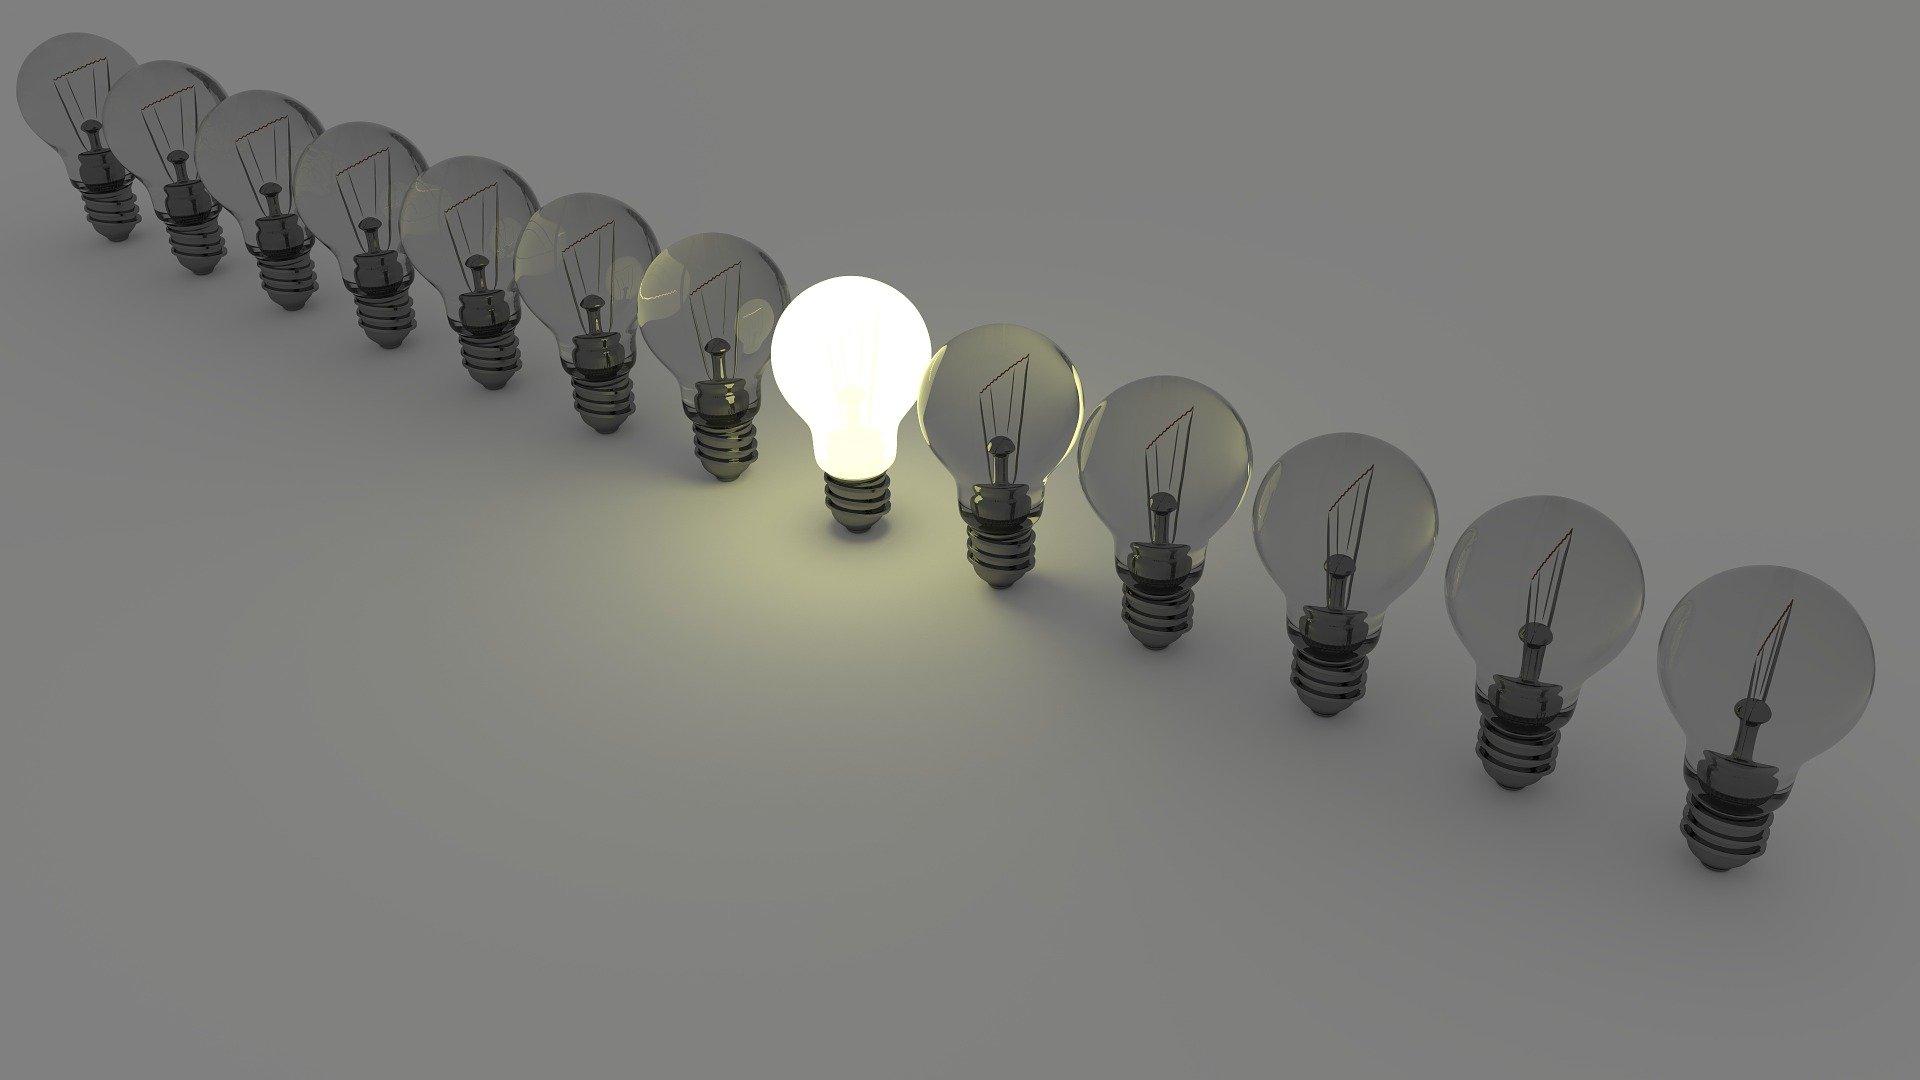 Δήμος Κοζάνης: Επανασύνδεση ρεύματος σε πολίτες με χαμηλά εισοδήματα: Ξεκινούν οι αιτήσεις για το ειδικό βοήθημα